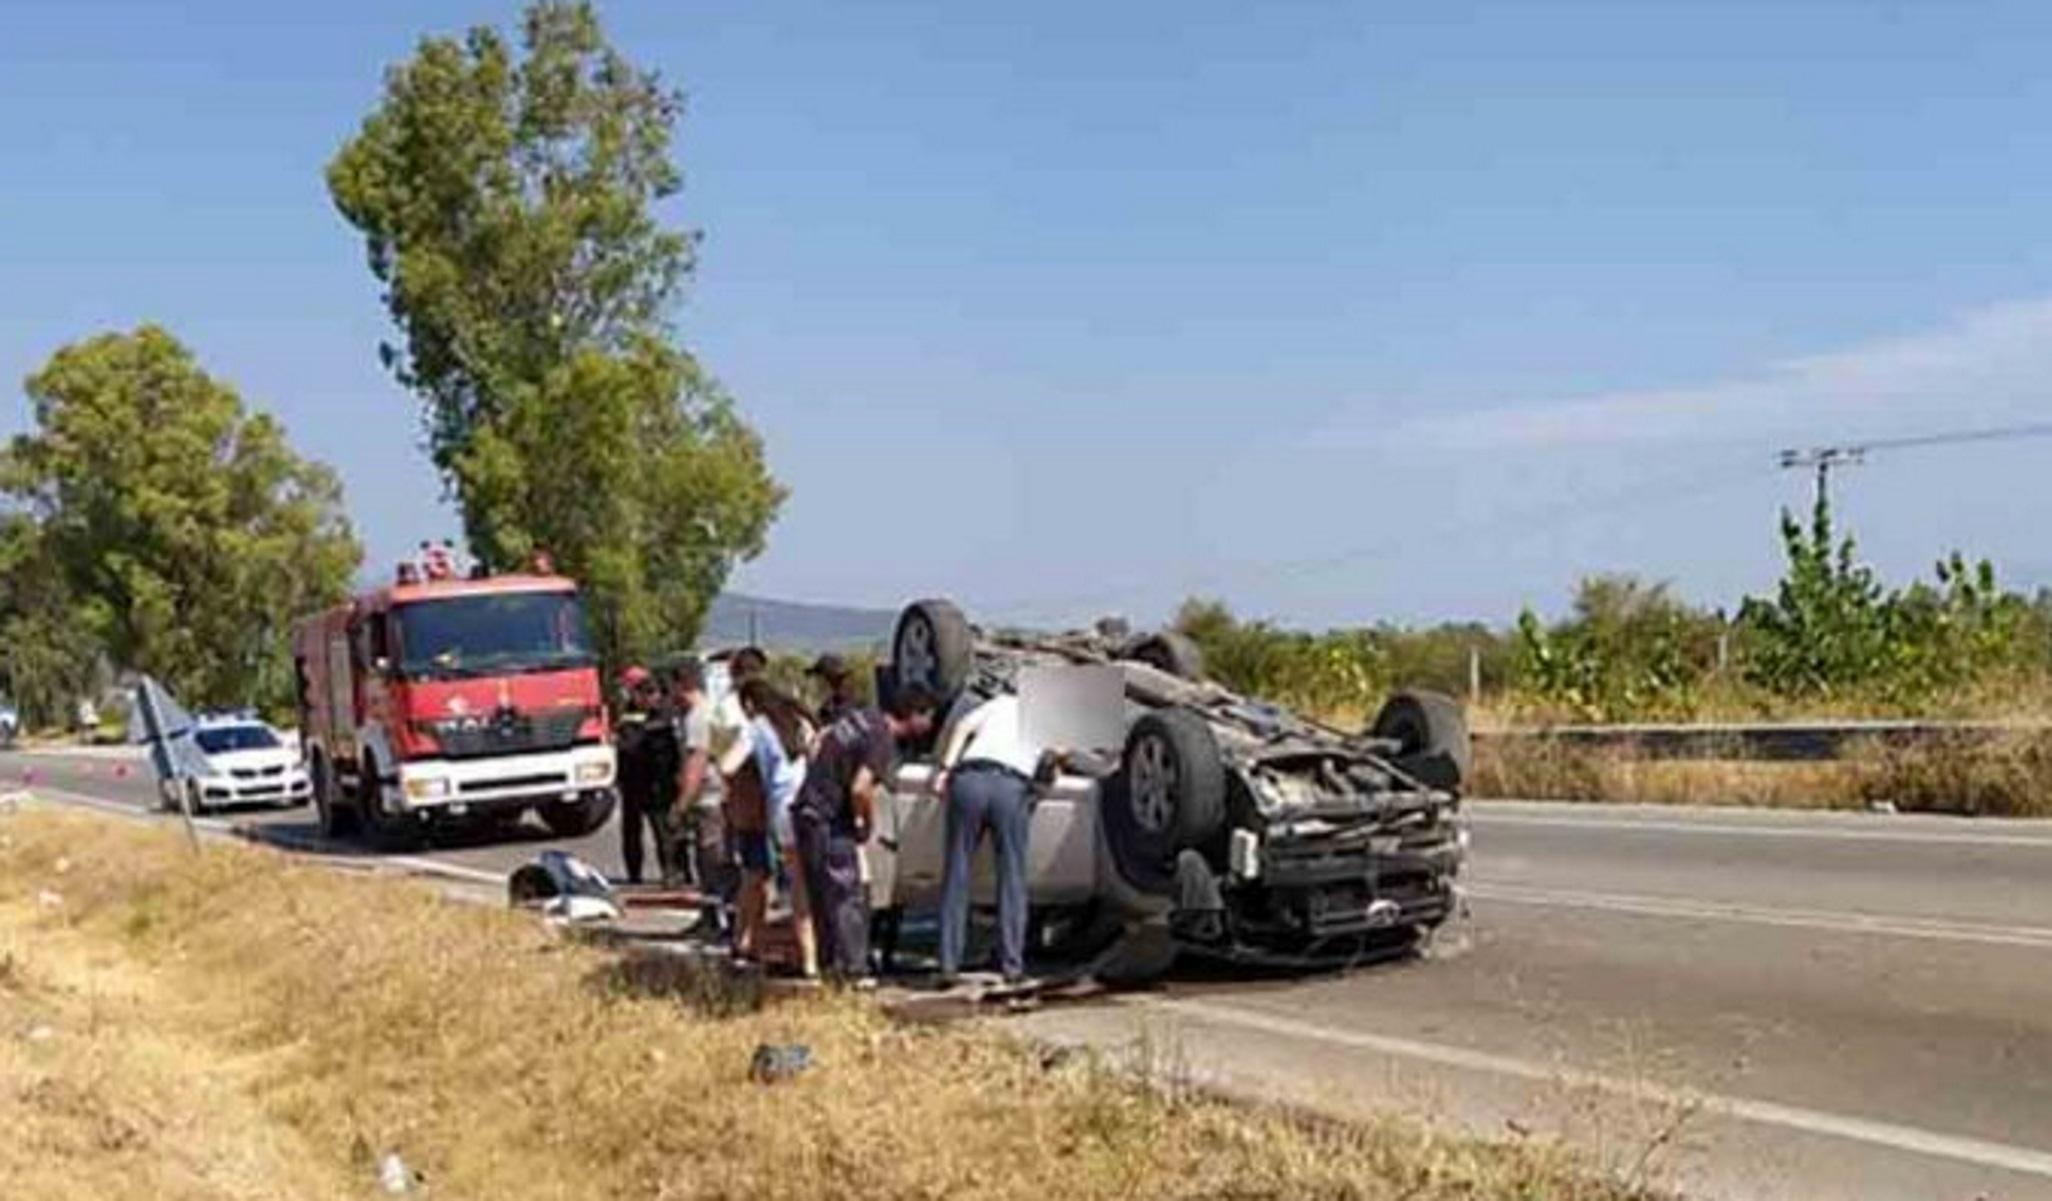 Τροχαίο με έναν τραυματία στον δρόμο Αγρινίου – Αμφιλοχίας: Τουμπάρισε αυτοκίνητο με τρέιλερ